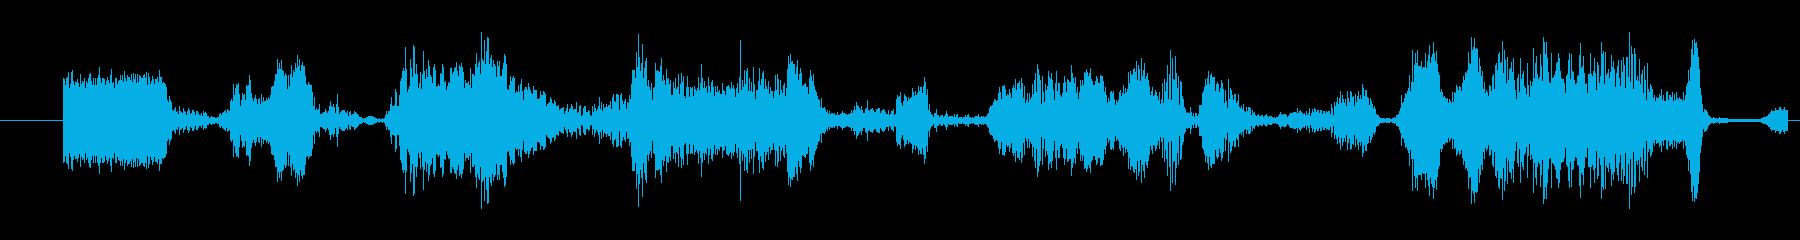 モンスター グリッチトーク07の再生済みの波形